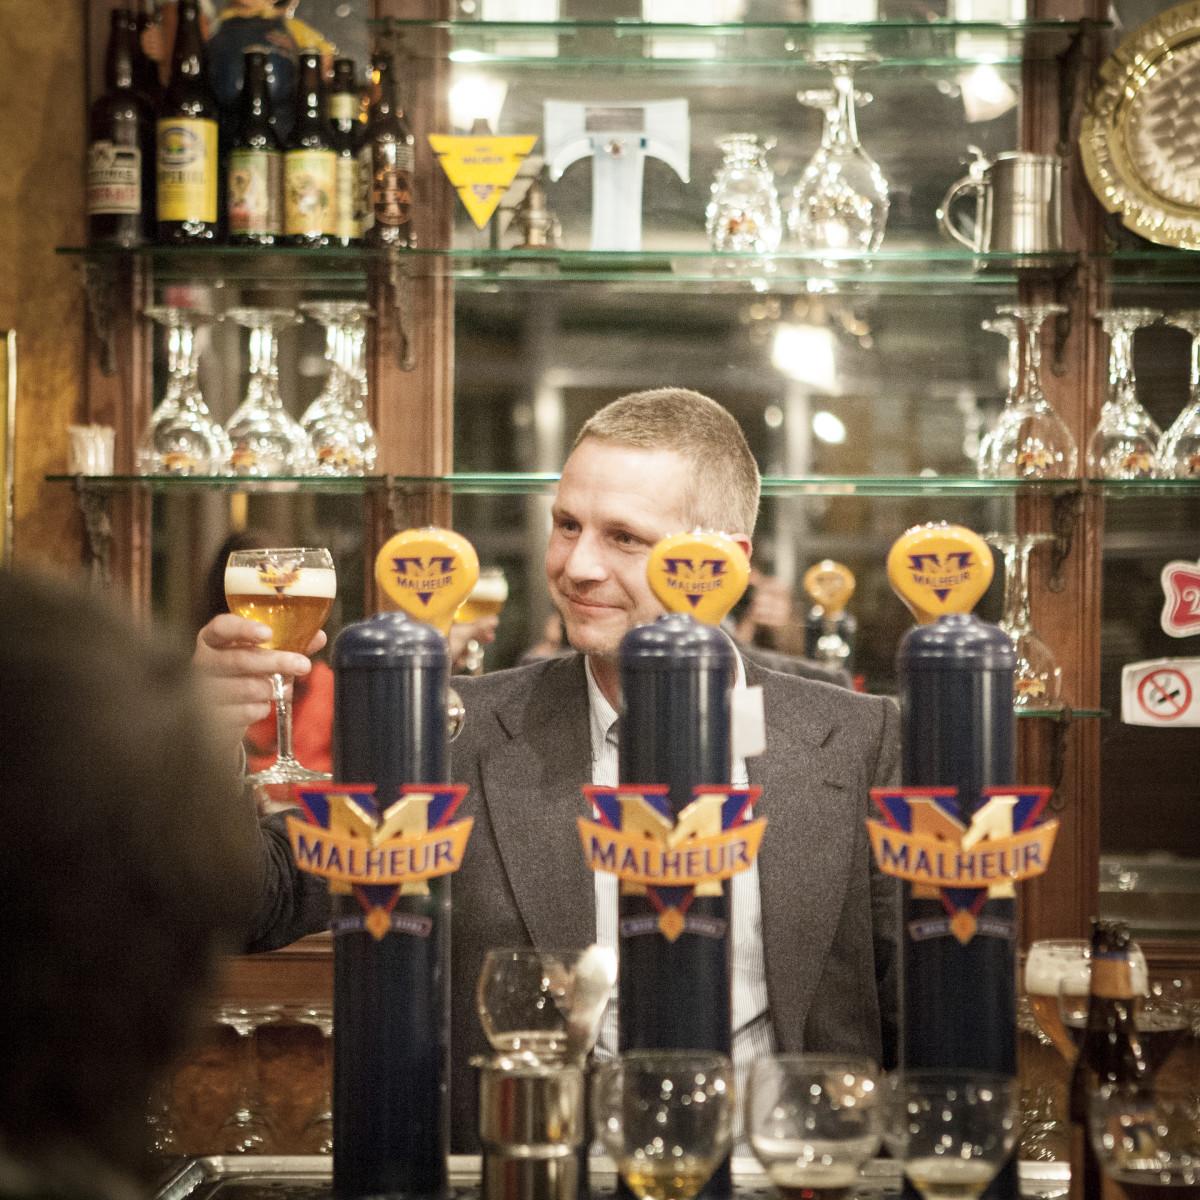 Brouwerij De Landtsheer 10-10-2012 © Bart Van der Perre (22 of 22)